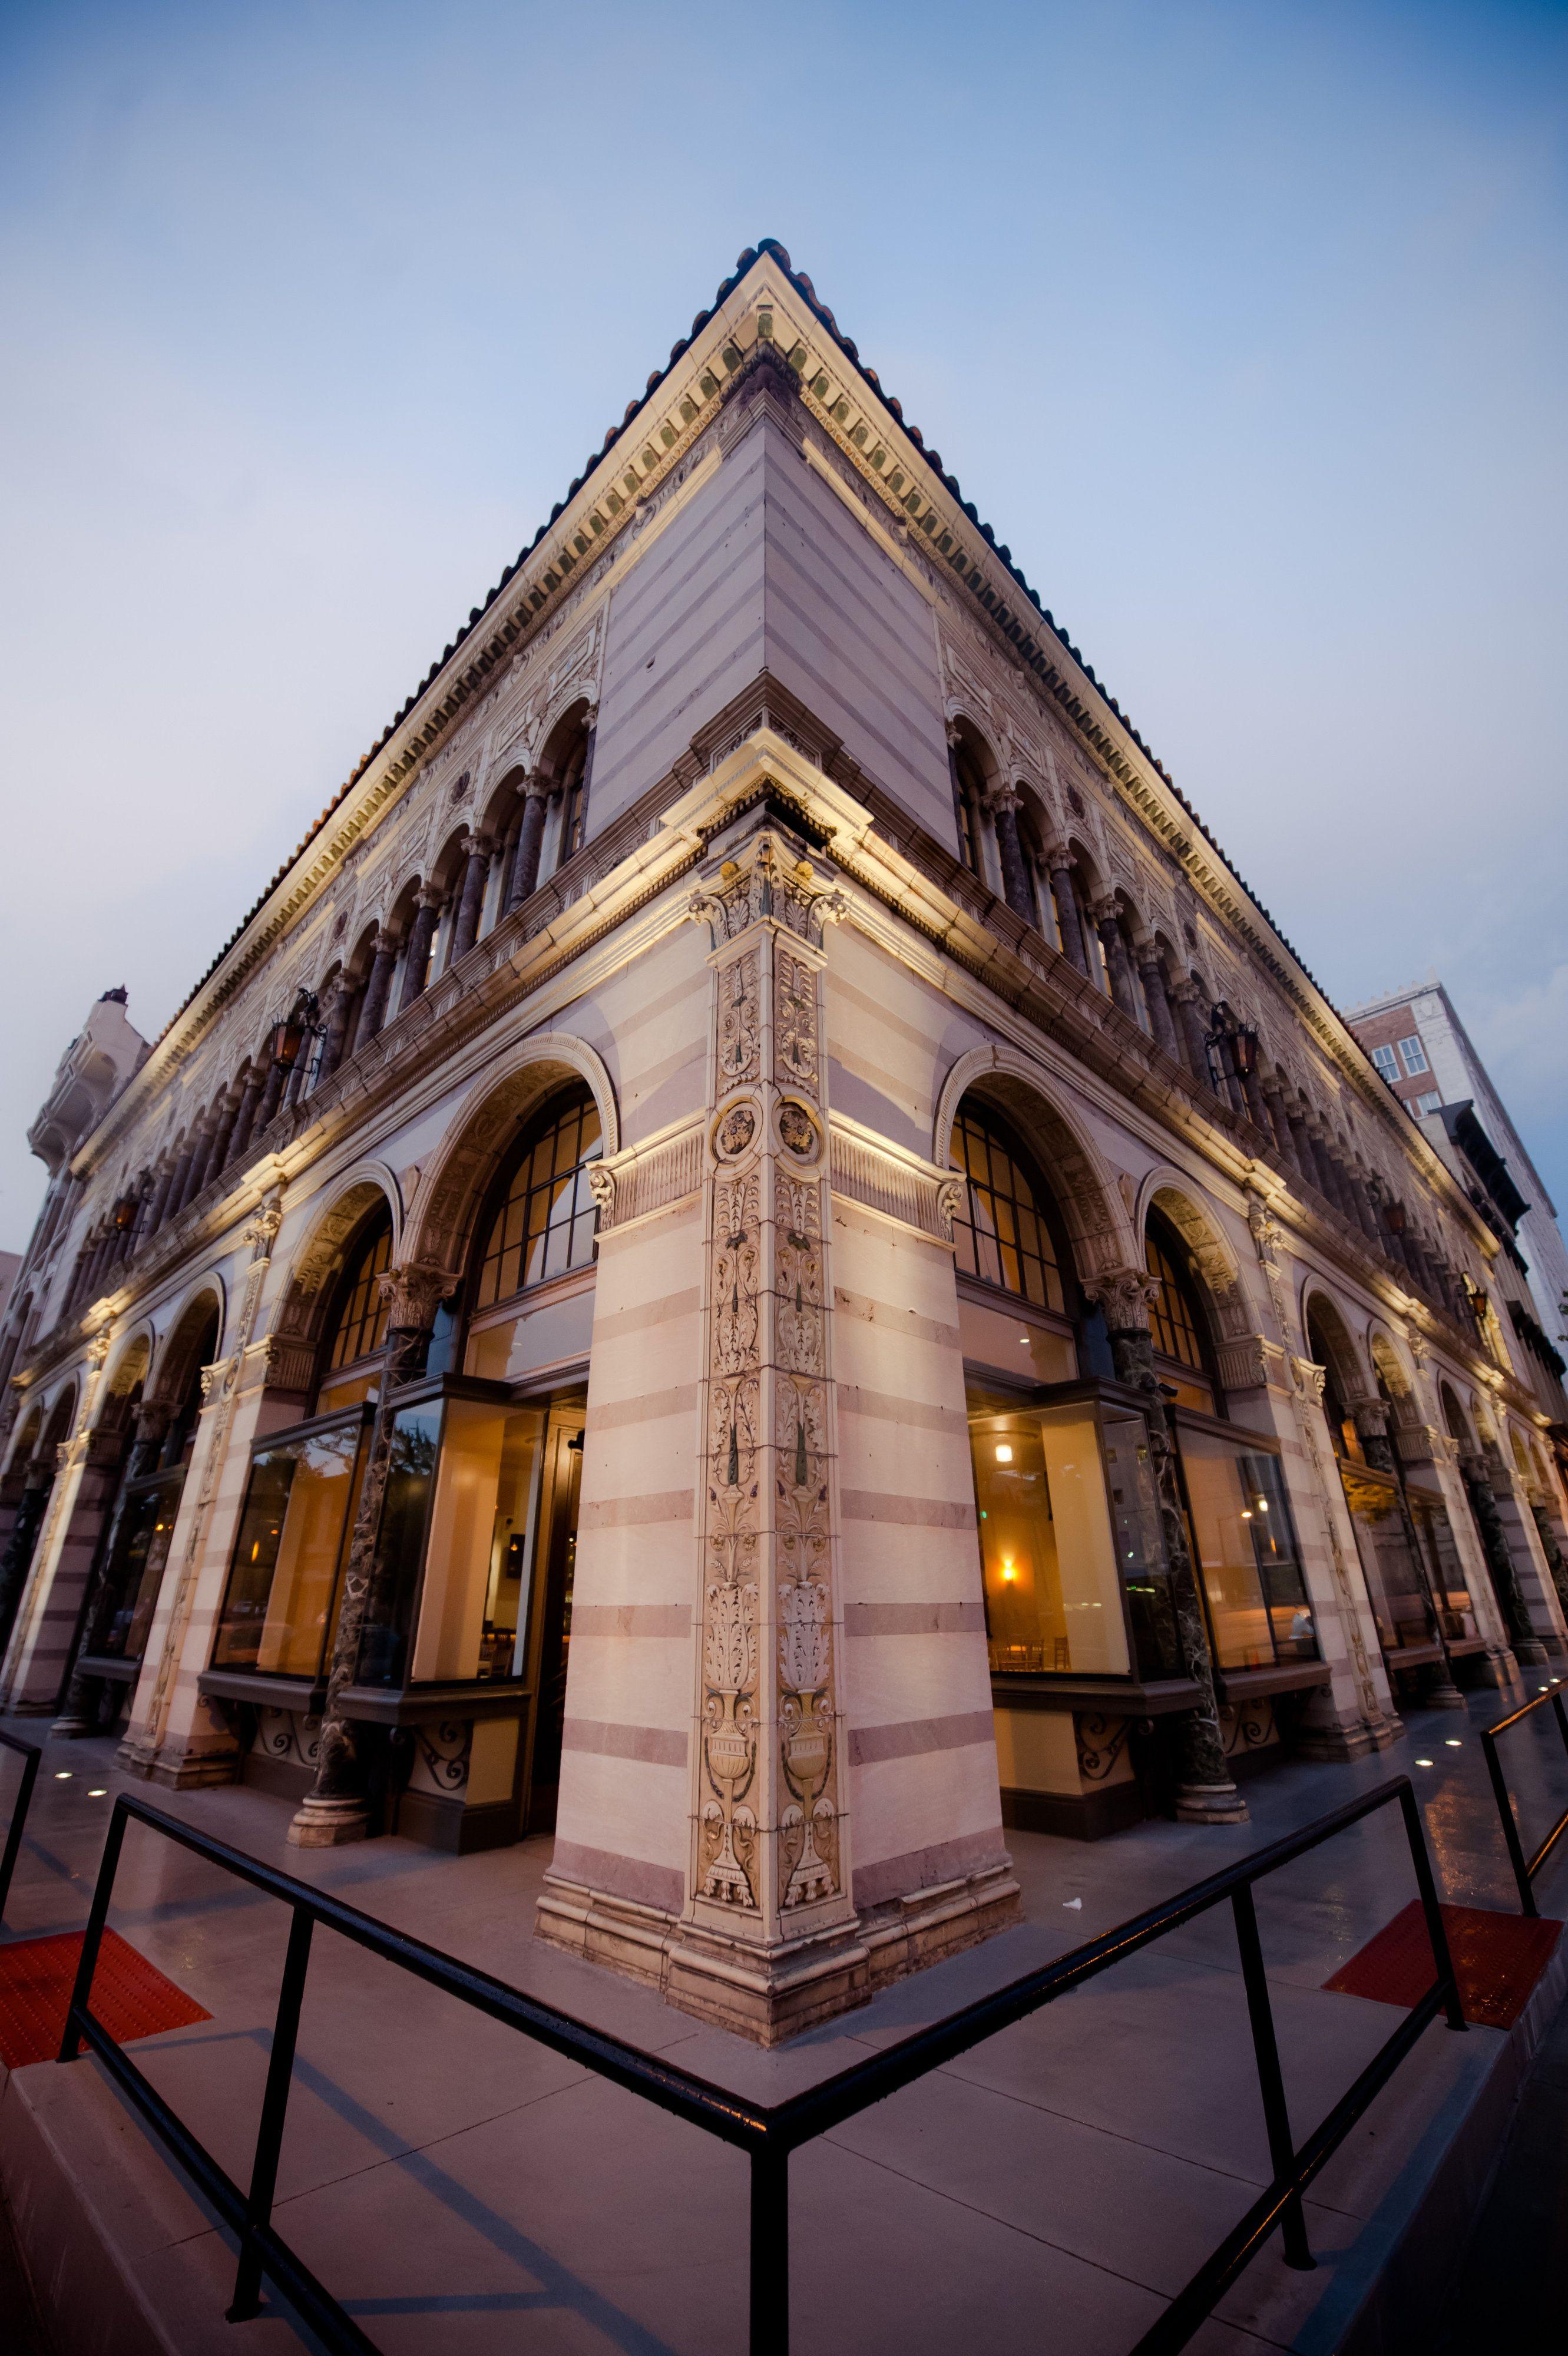 The Floine Building Birmingham Al Allison Lewis Photography